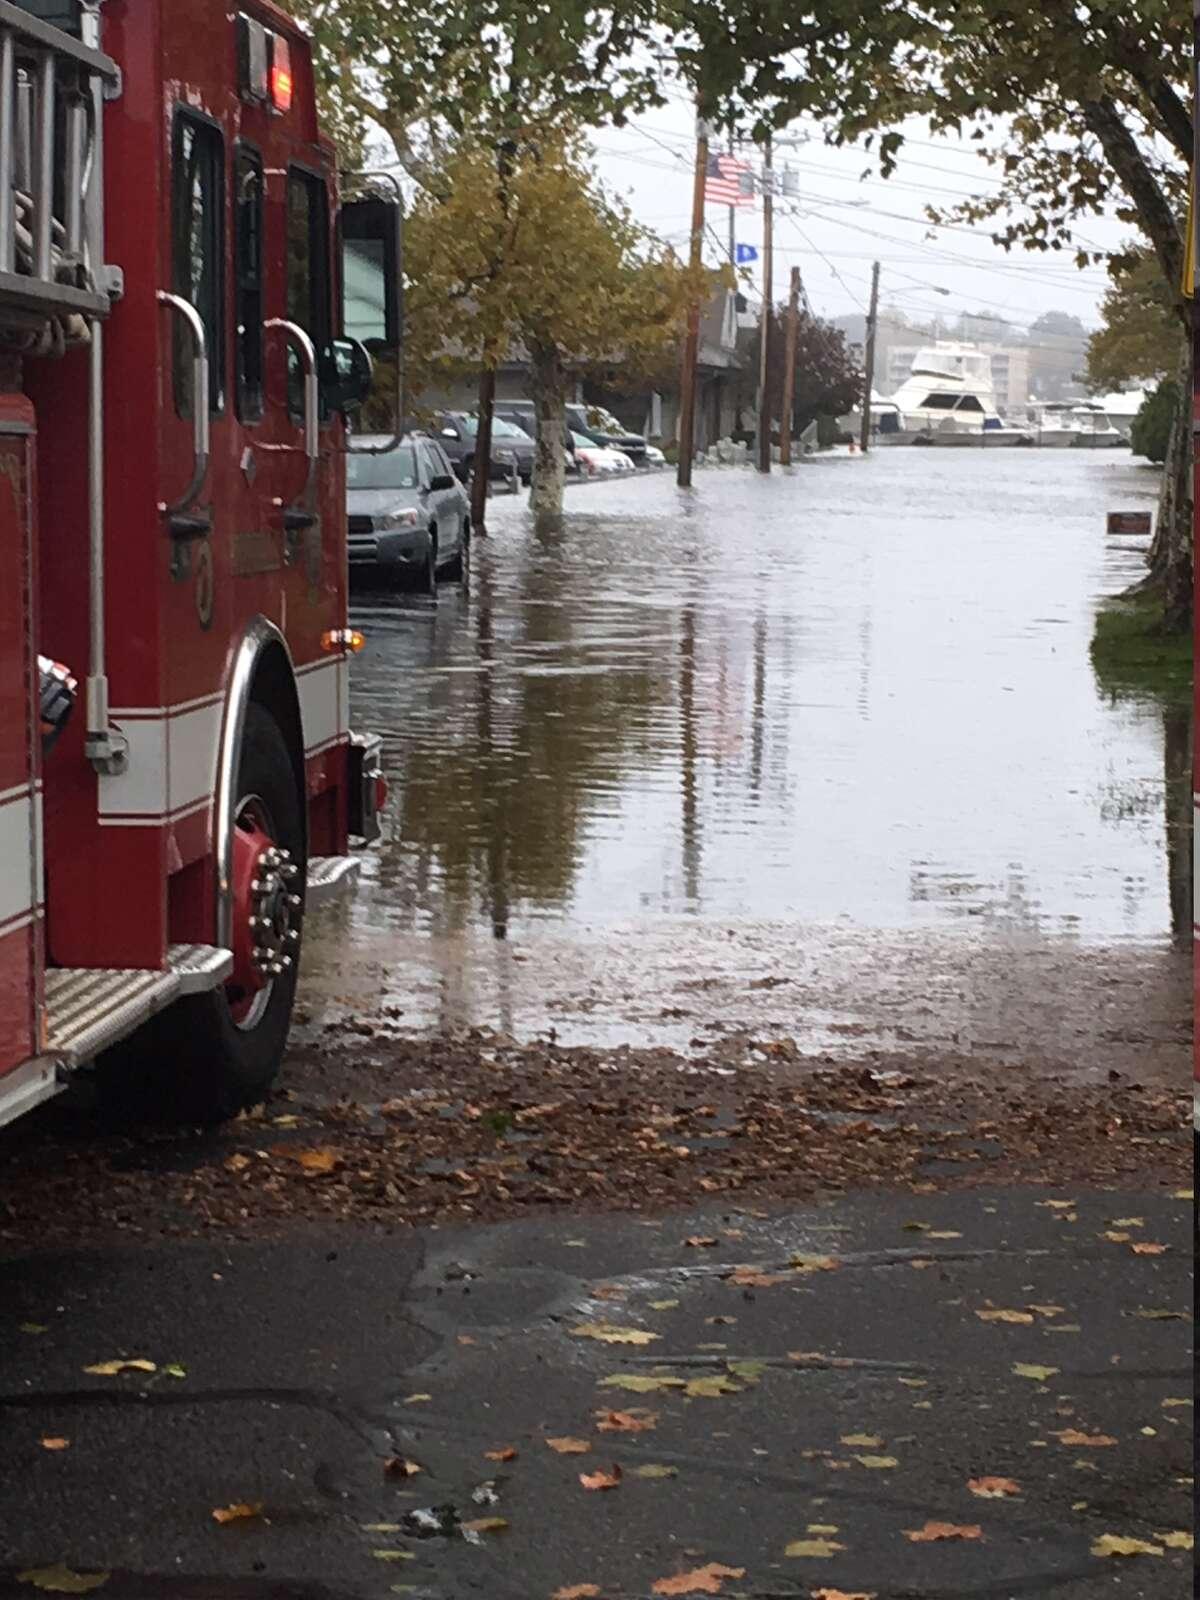 Flooding along Mack Street in Norwalk, October 27, 2018.